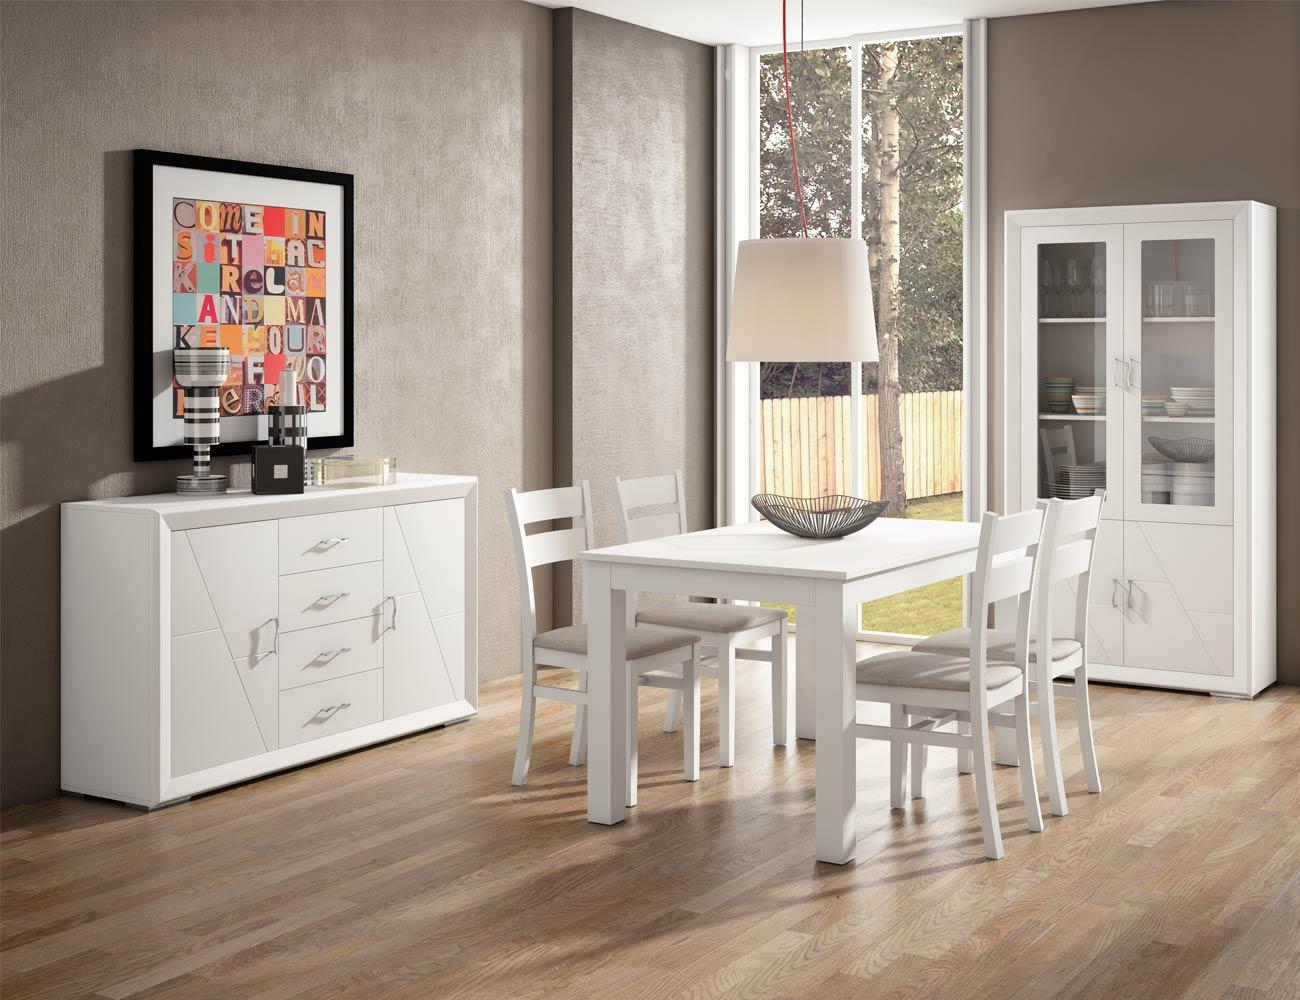 Muebles de gran calidad en madera con vitrina y librero en color blanco lacado 8020 factory - Muebles utrera ...